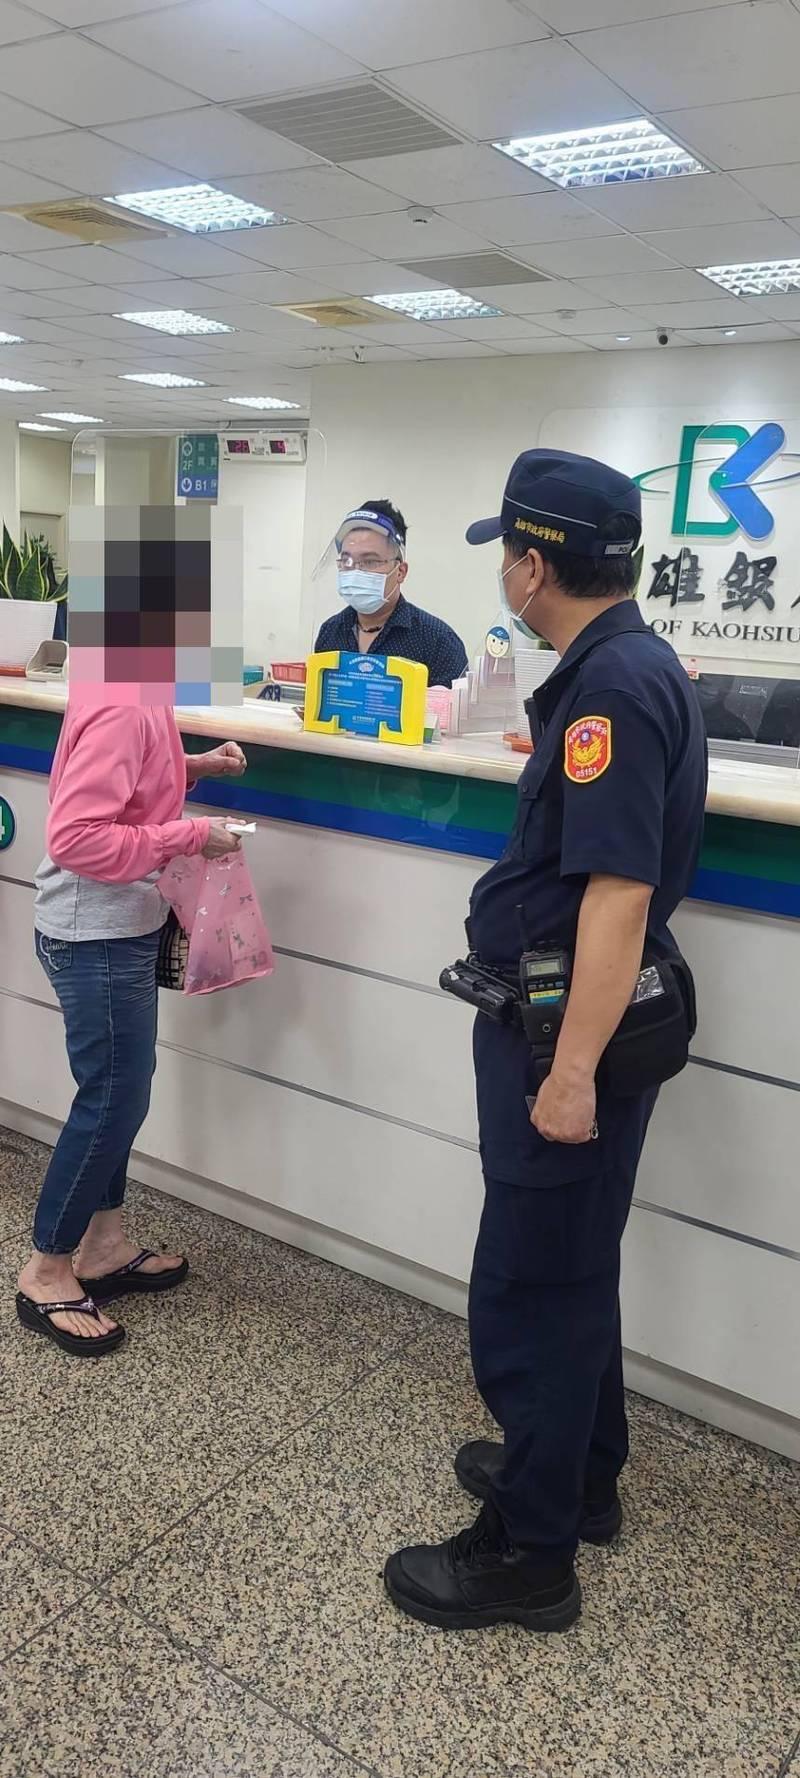 王姓婦人(左)昨到銀行存款時,得知帳戶被列為「警示帳戶」,以為被當成詐騙集團,當場嚇得臉色發白、情緒激動。(警方提供)